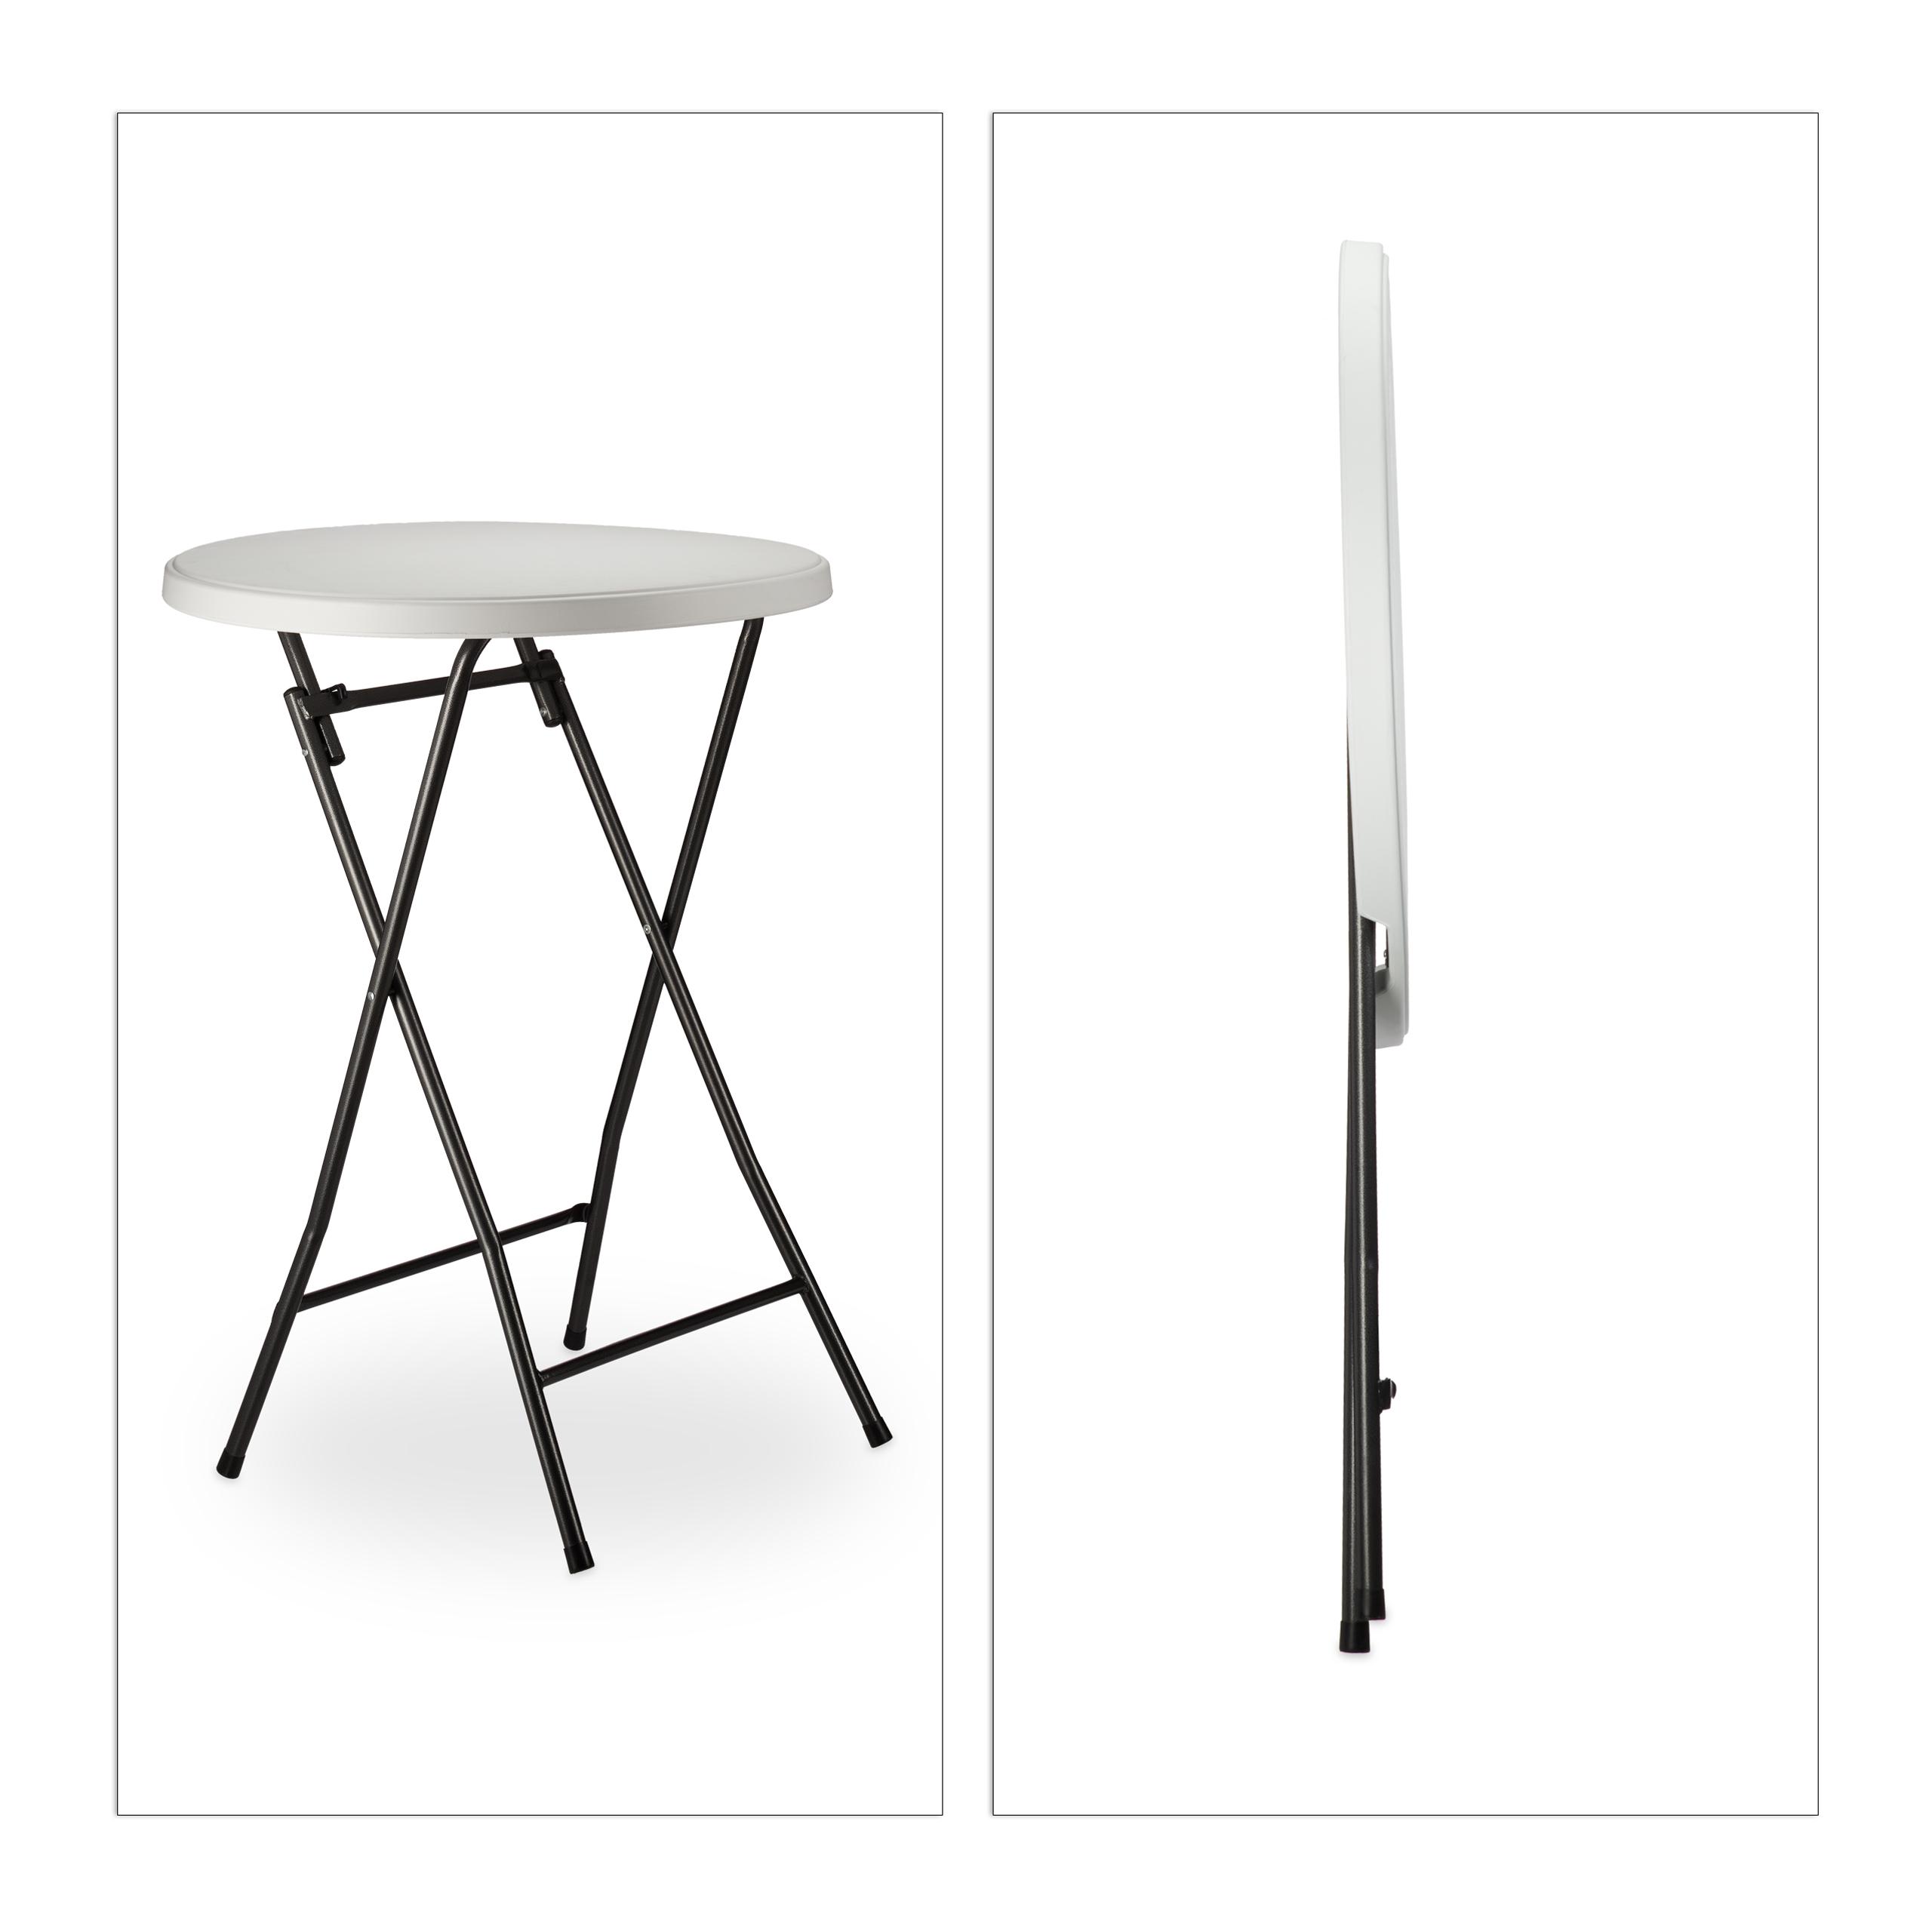 stehtisch klappbar rund aus kunsstoff bistrotisch hxd 110 x 80 cm wei ebay. Black Bedroom Furniture Sets. Home Design Ideas